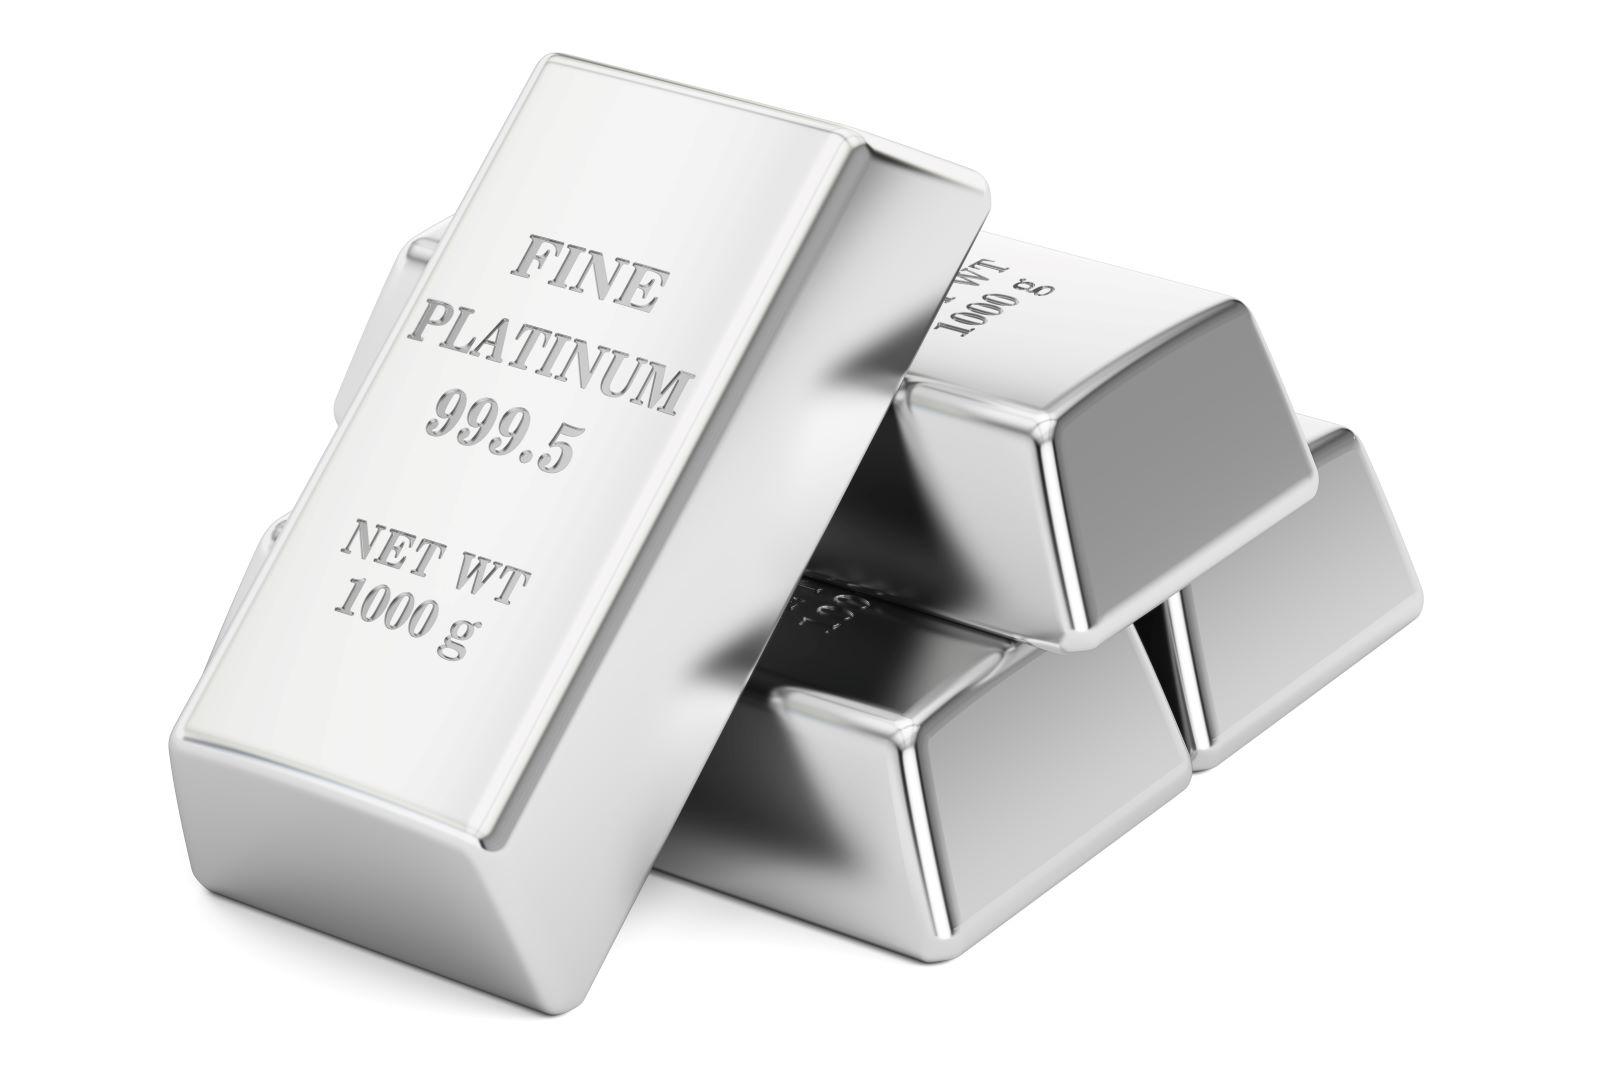 999 platinum bar